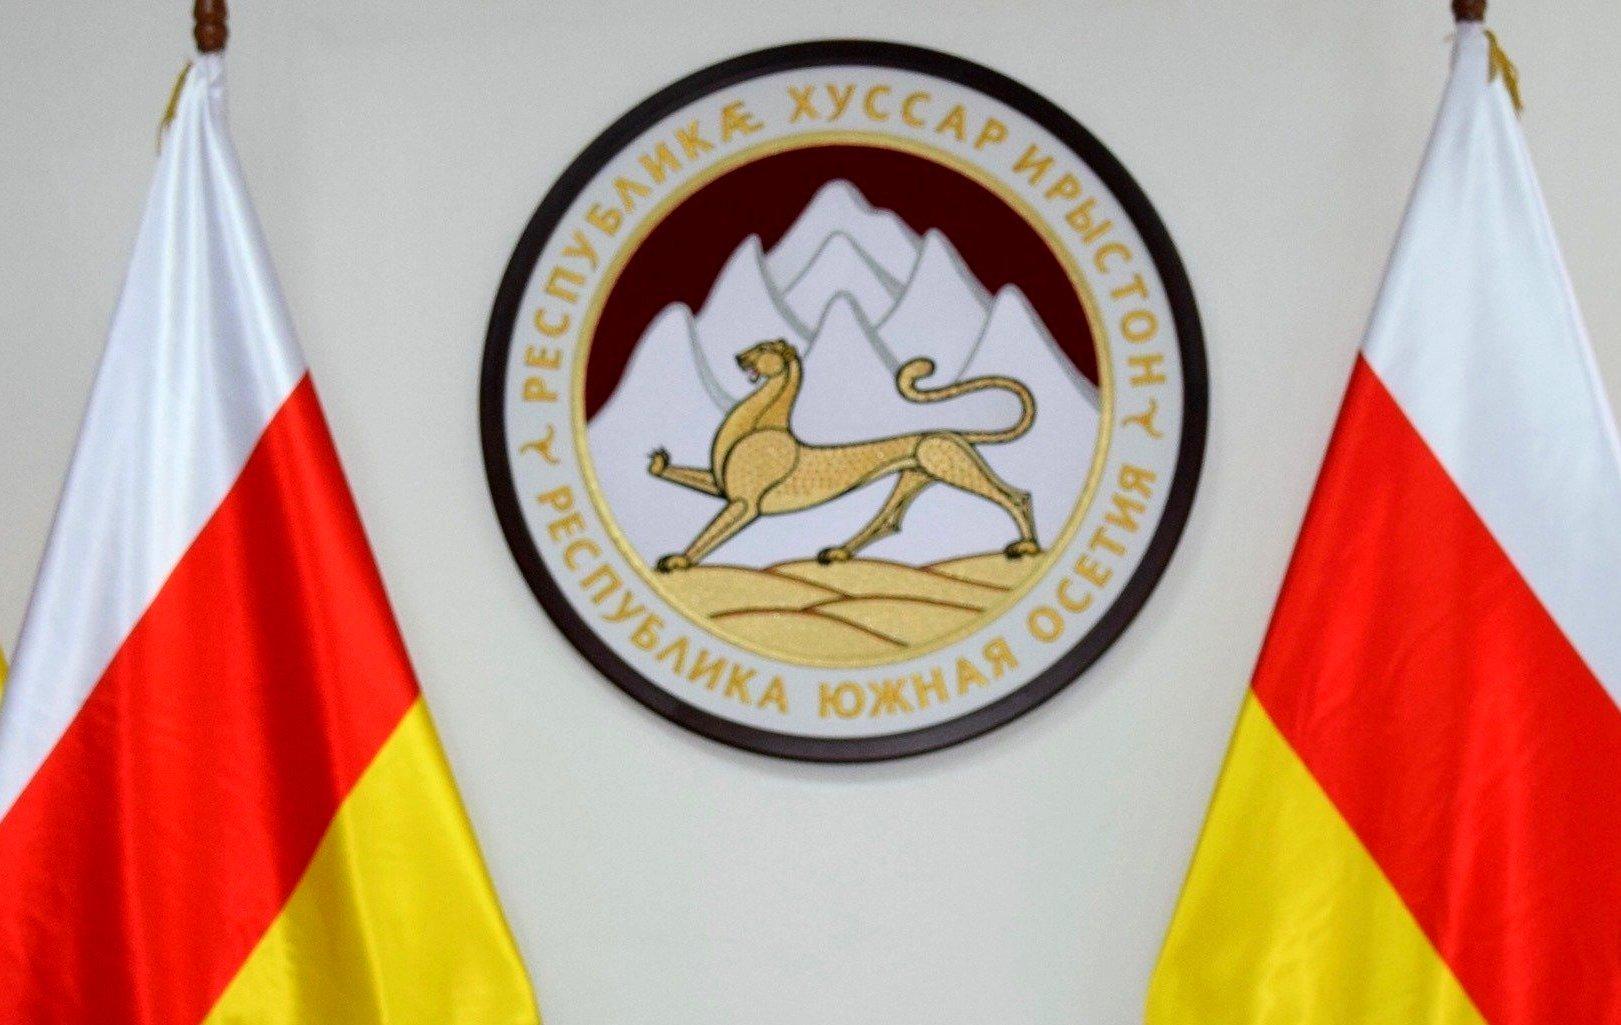 Информационное сообщениеПосольства о выборахдепутатов Парламента Республики Южная Осетия